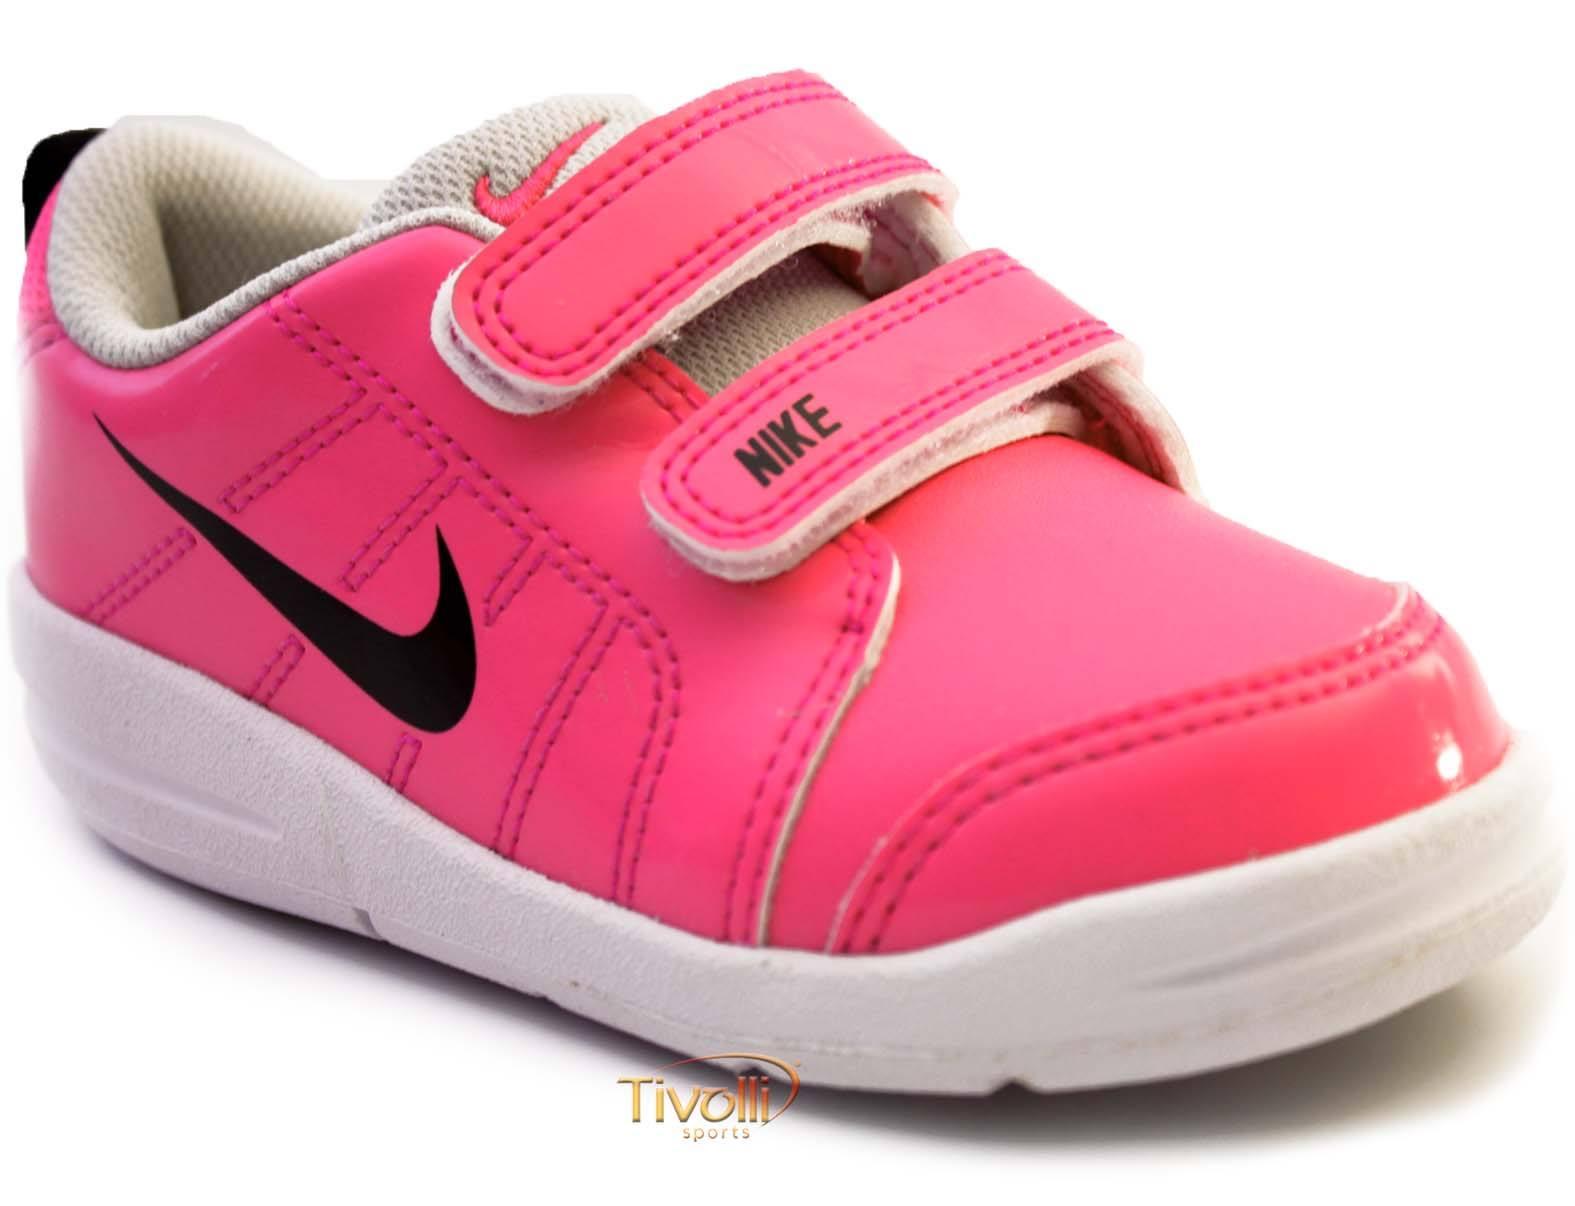 664a2a383e8 Tênis Nike Pico LT (TDV) Infantil   Rosa Pink e Branco